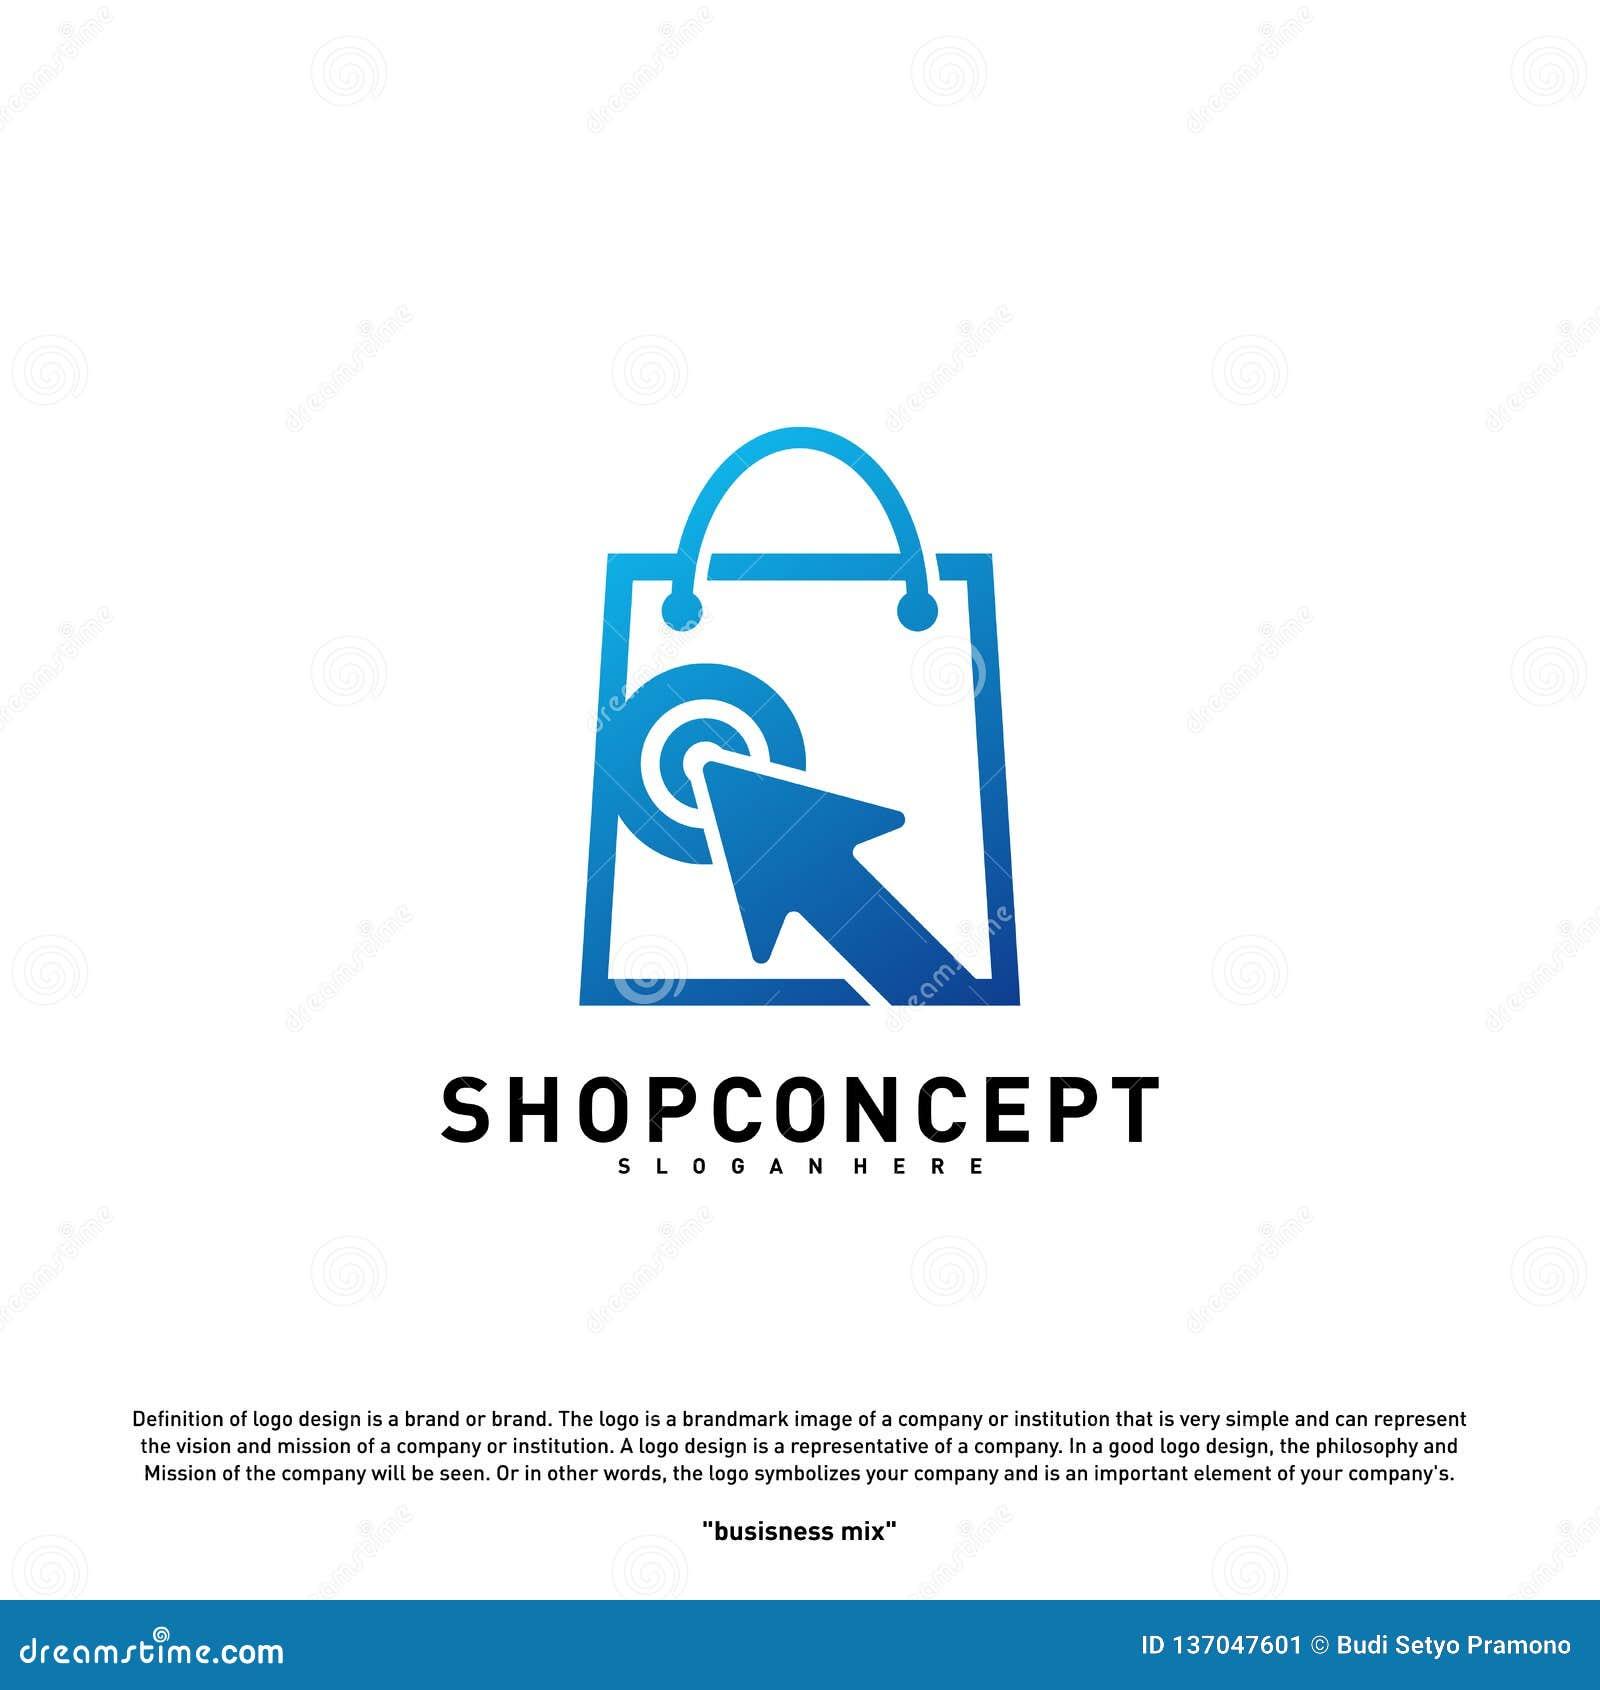 Loja em linha Logo Design Concept Shopping em linha Logo Vetora Símbolo em linha da loja e dos presentes